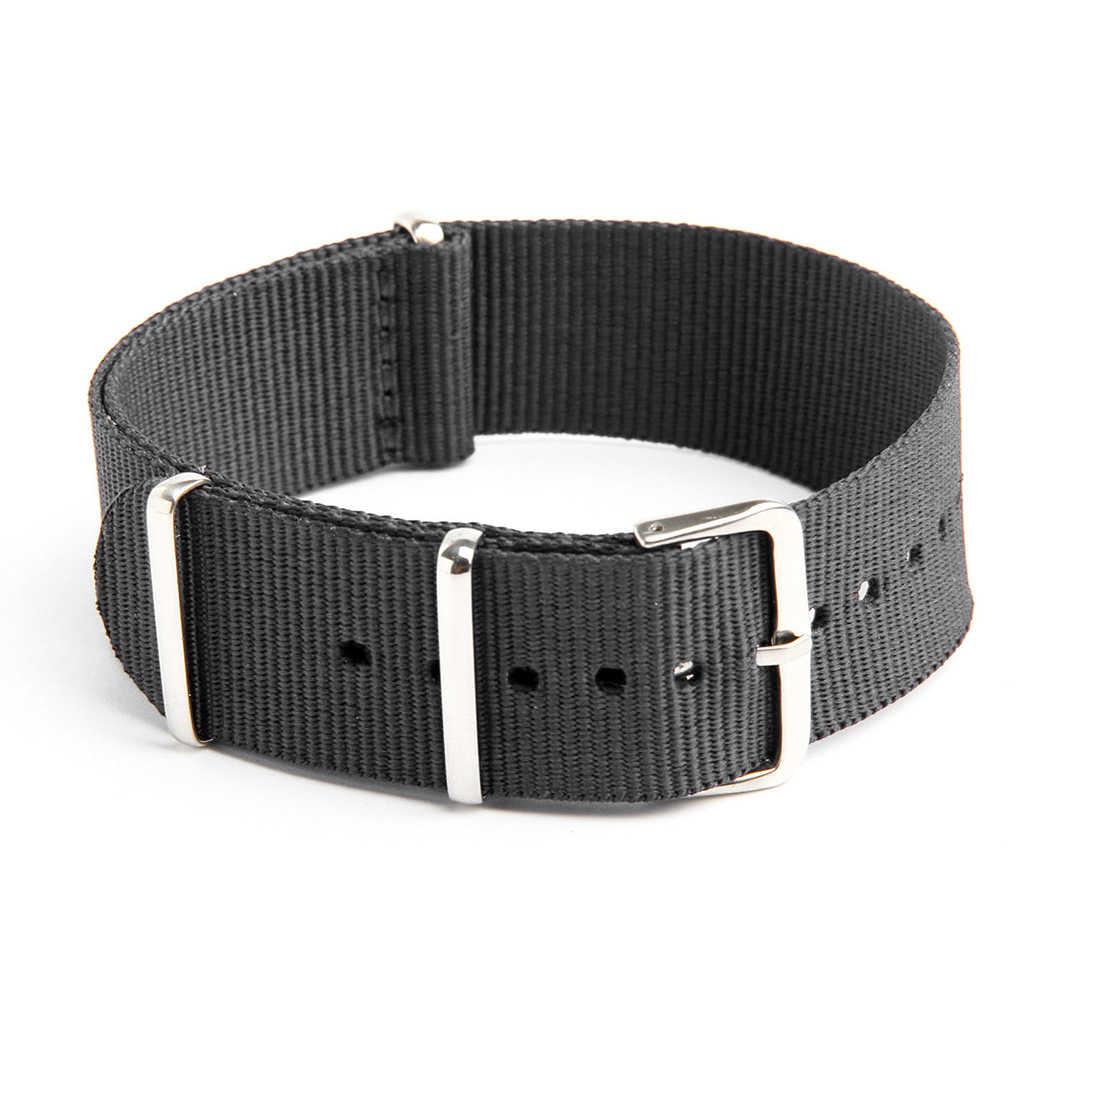 حزام ساعة اليد الفرقة العسكرية الجيش النايلون قماش الغواصين G10 رجالي اللون: رمادي عرض: 20 مللي متر